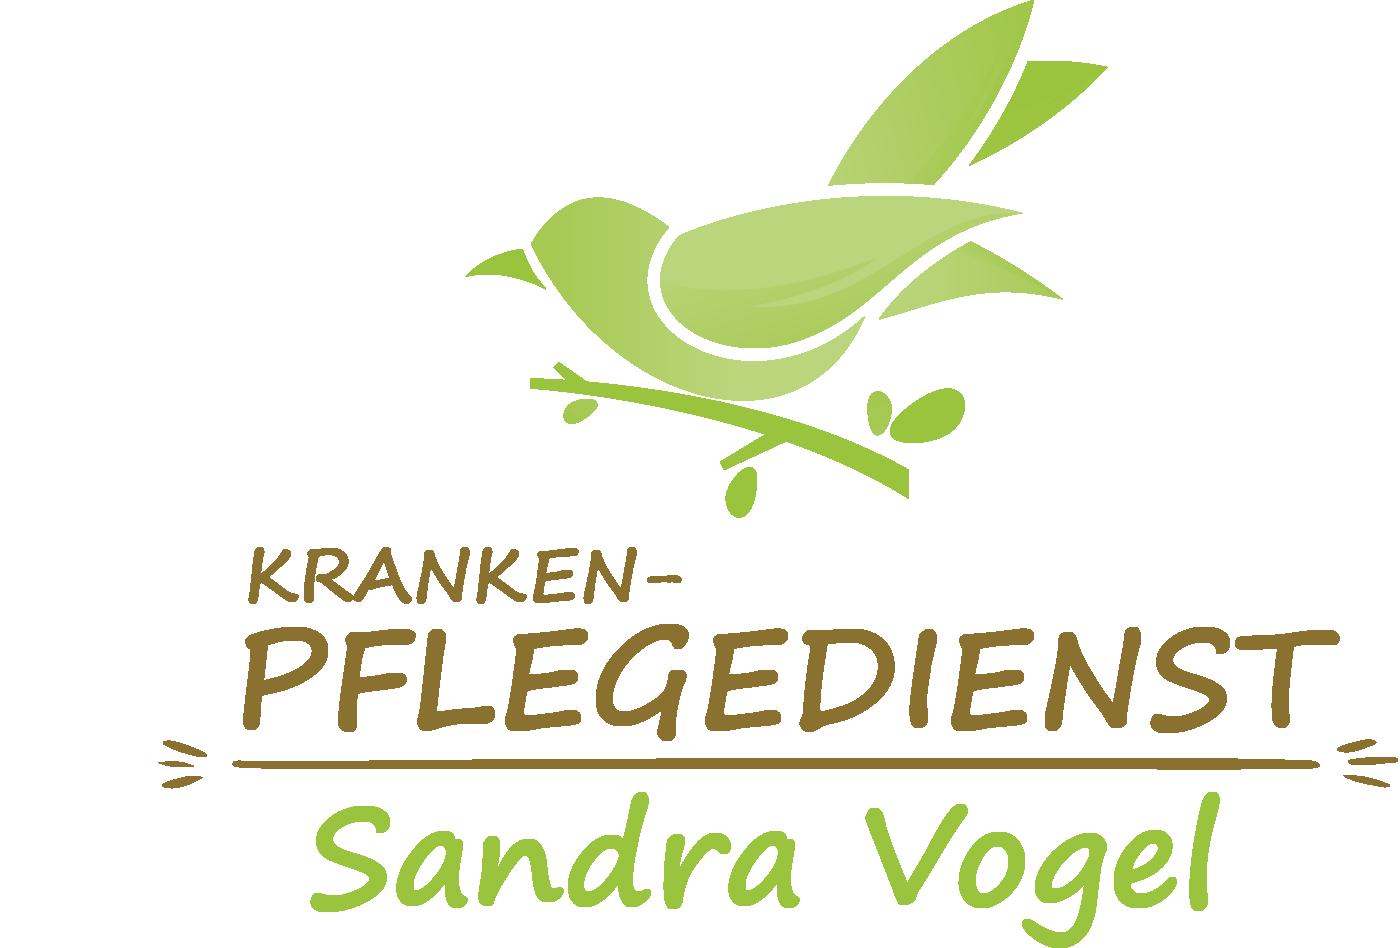 Krankenpflegedienst Sandra Vogel - Mehltheuer